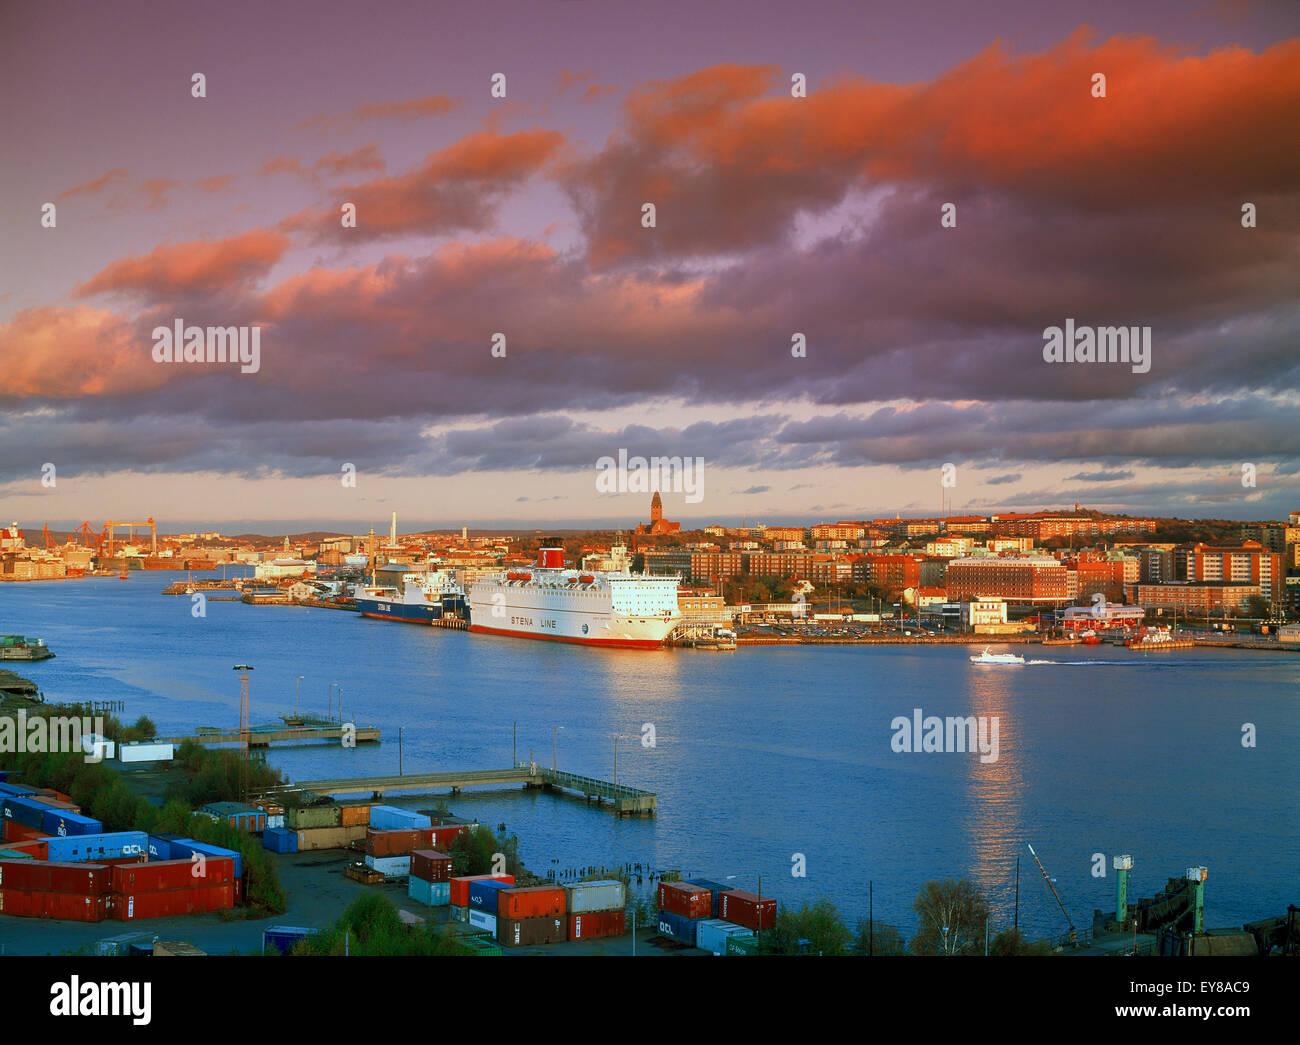 Schiffe im Hafen von Gothhenburg oder Göteborg an der schwedischen Westküste im Abendlicht Stockbild